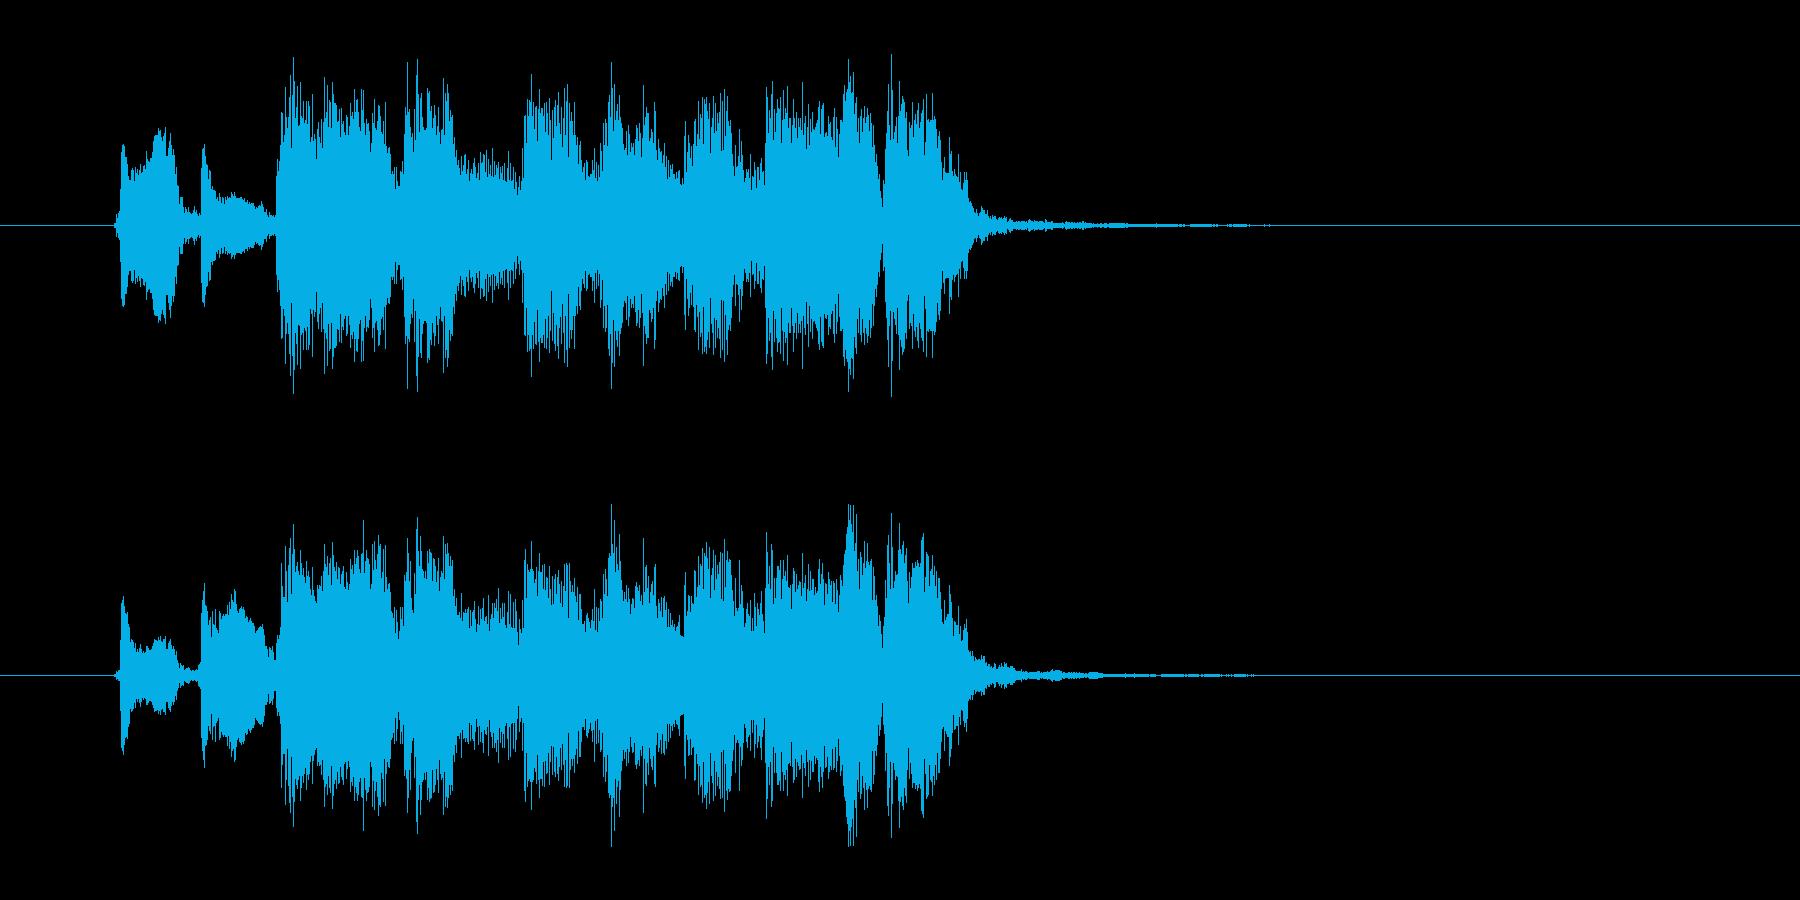 ワイルドなロックナンバーの再生済みの波形